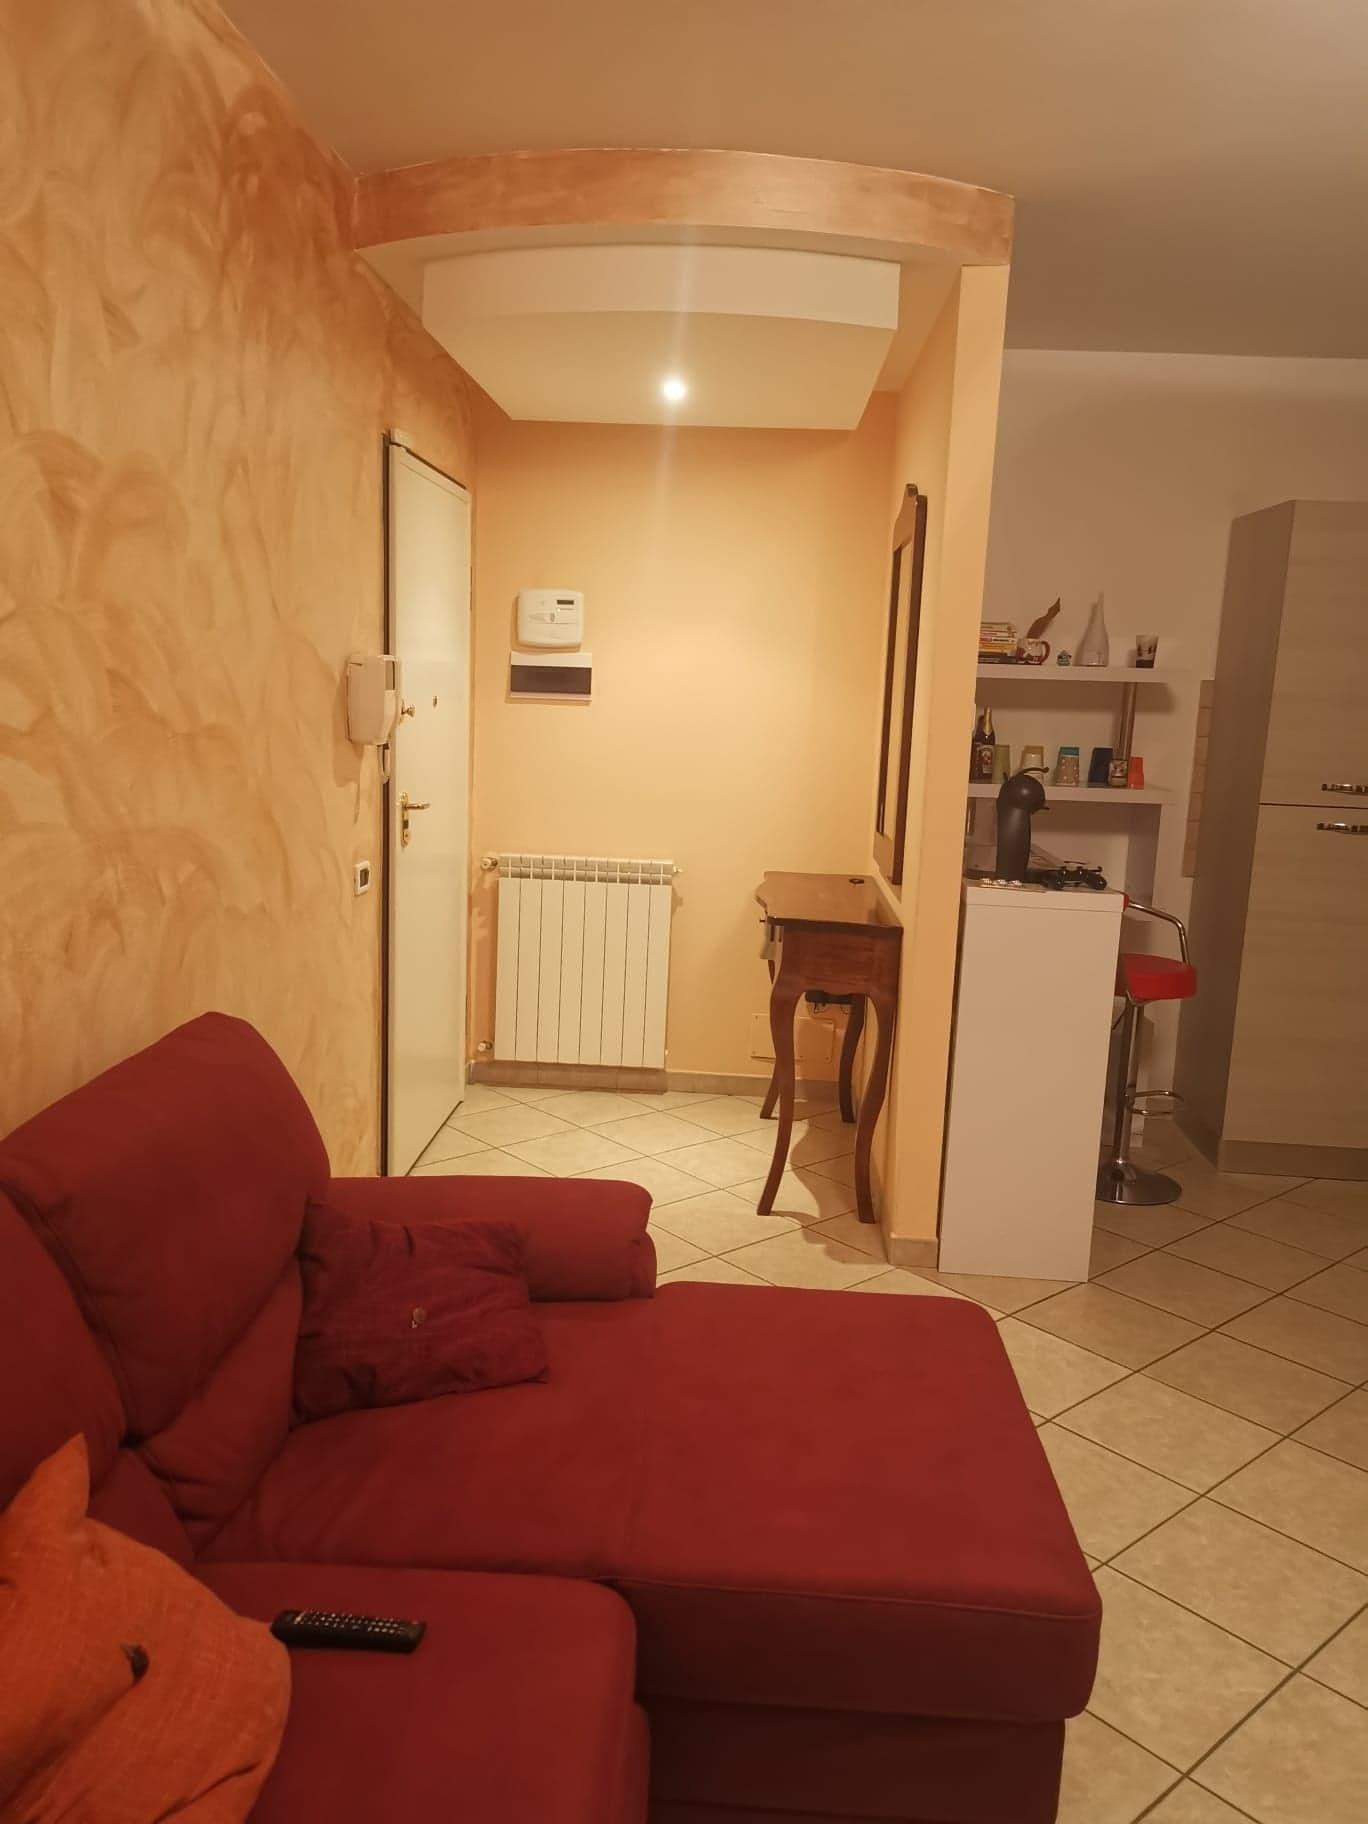 Appartamento in vendita a Ortonovo, 3 locali, prezzo € 160.000 | CambioCasa.it